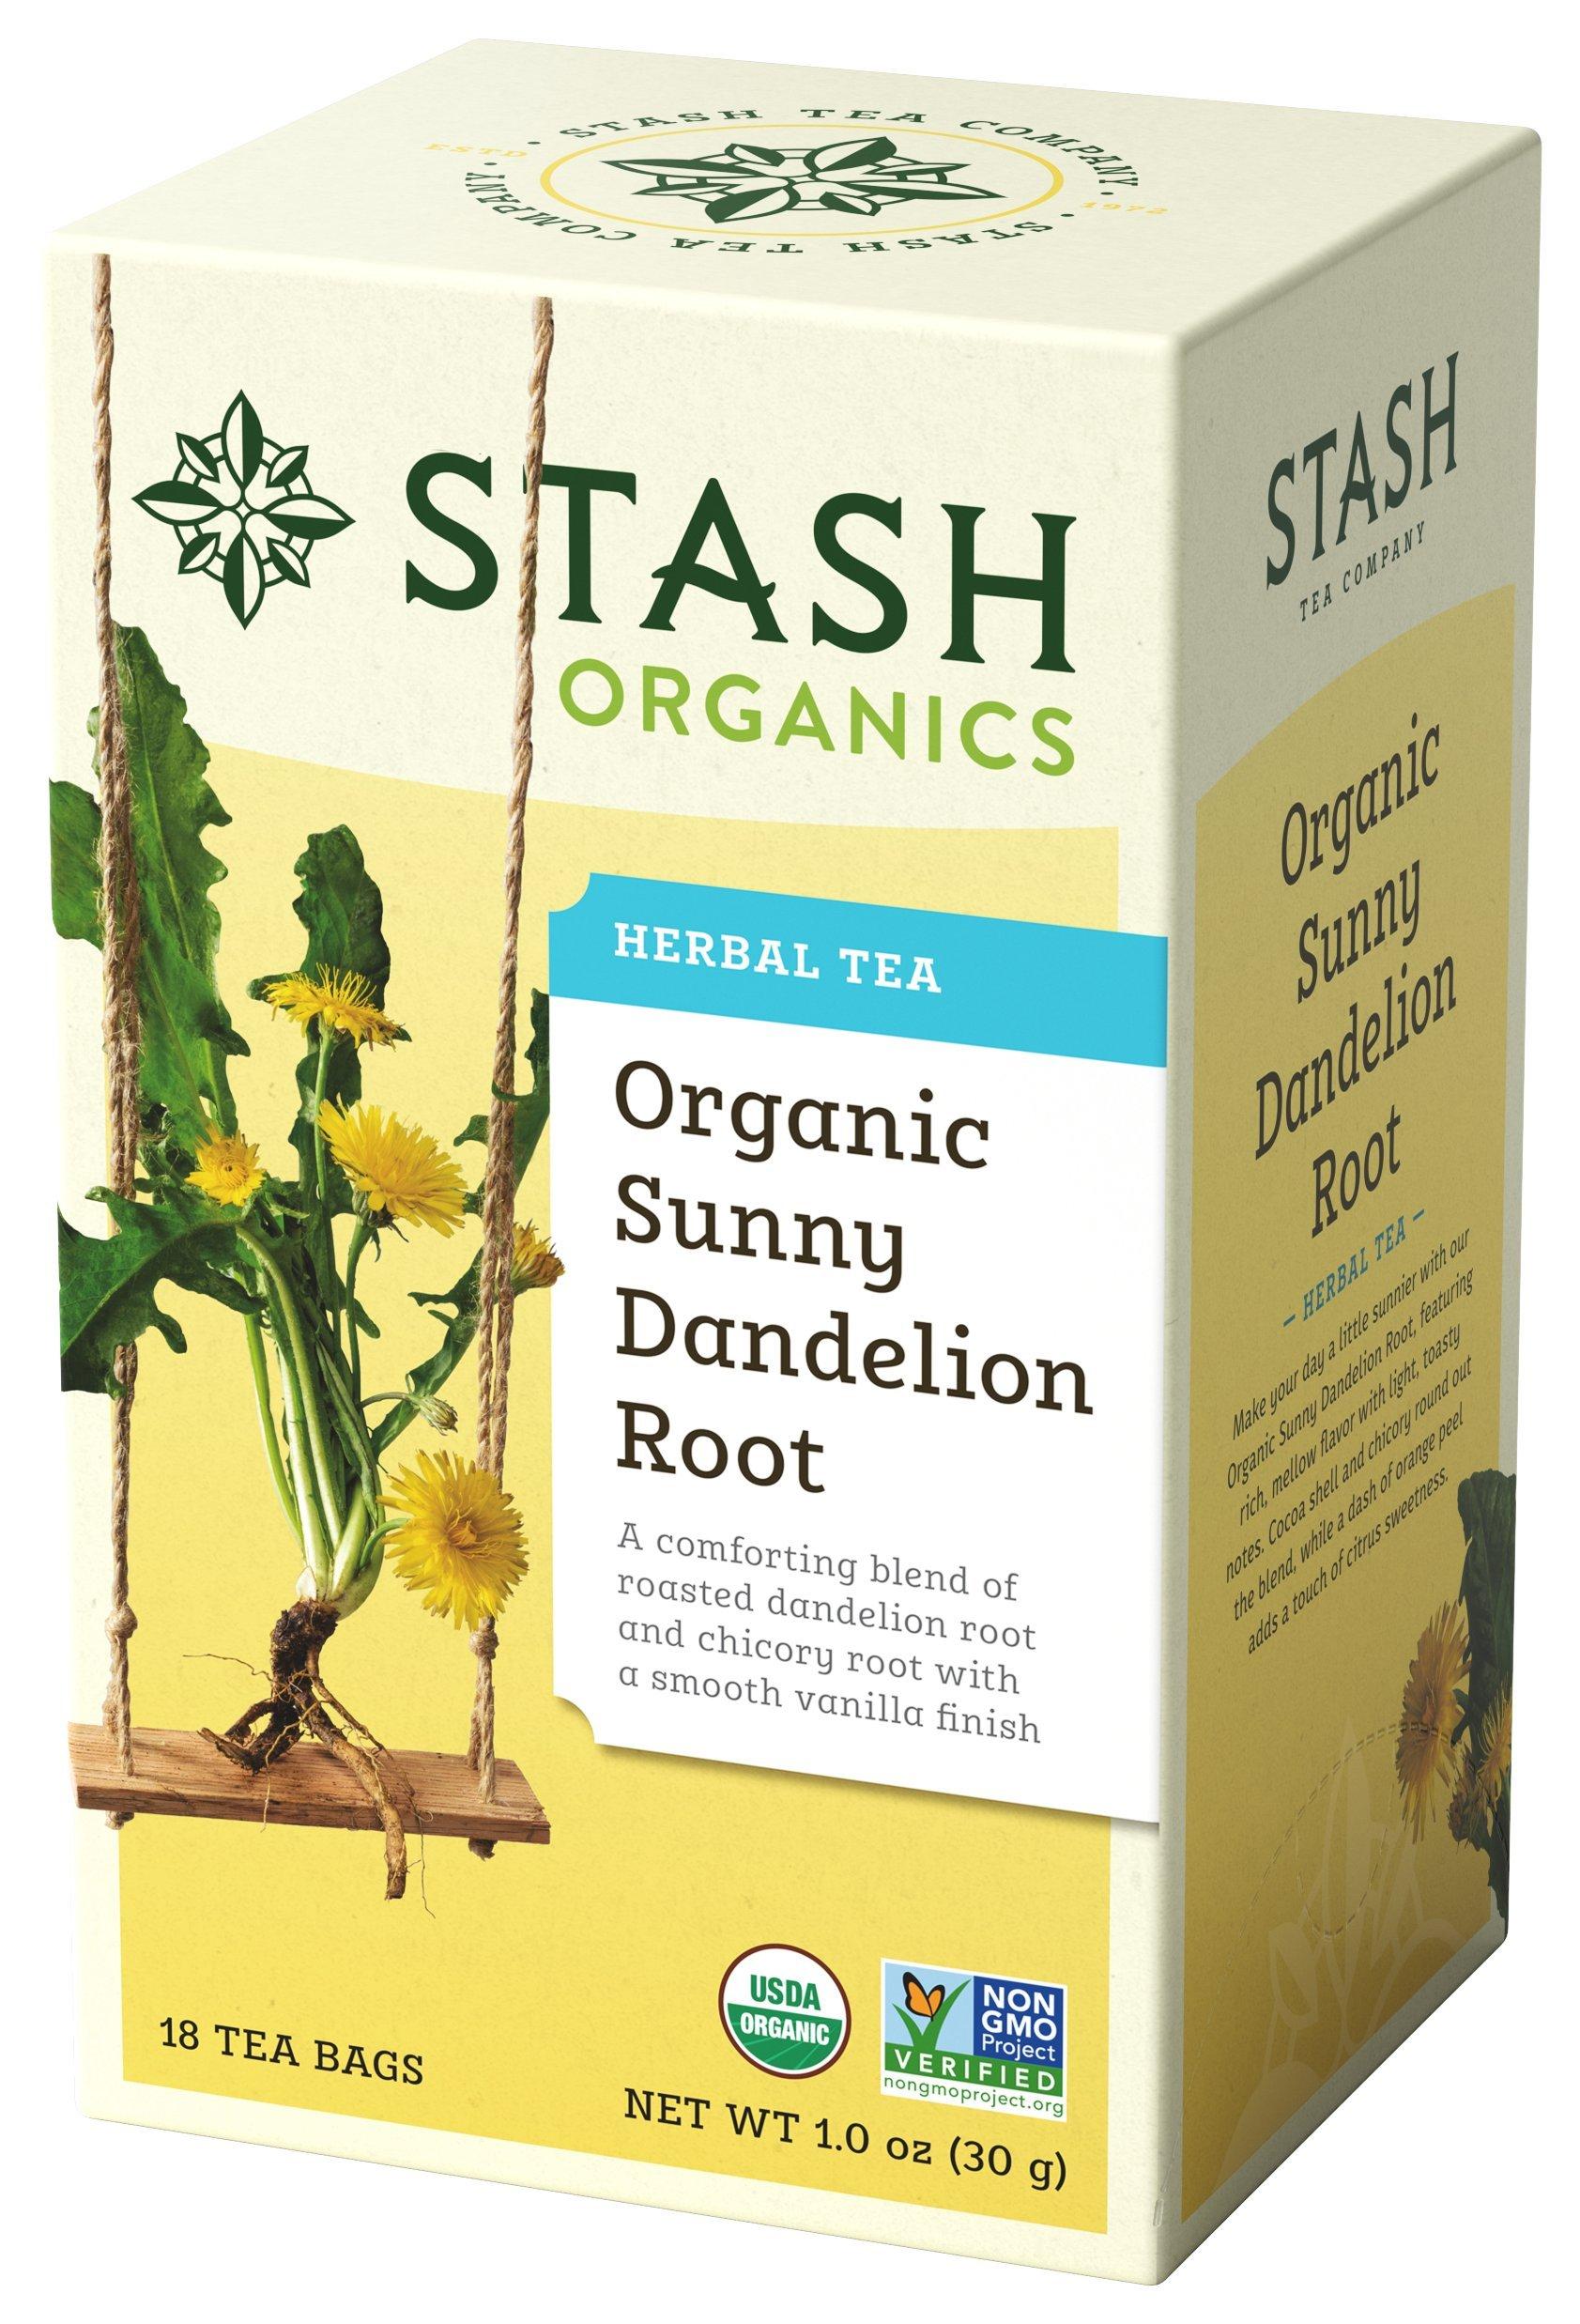 Stash Tea Organic Sunny Dandelion Root Tea 18 Count Box of Tea Bags in Foil (Pack of 6)